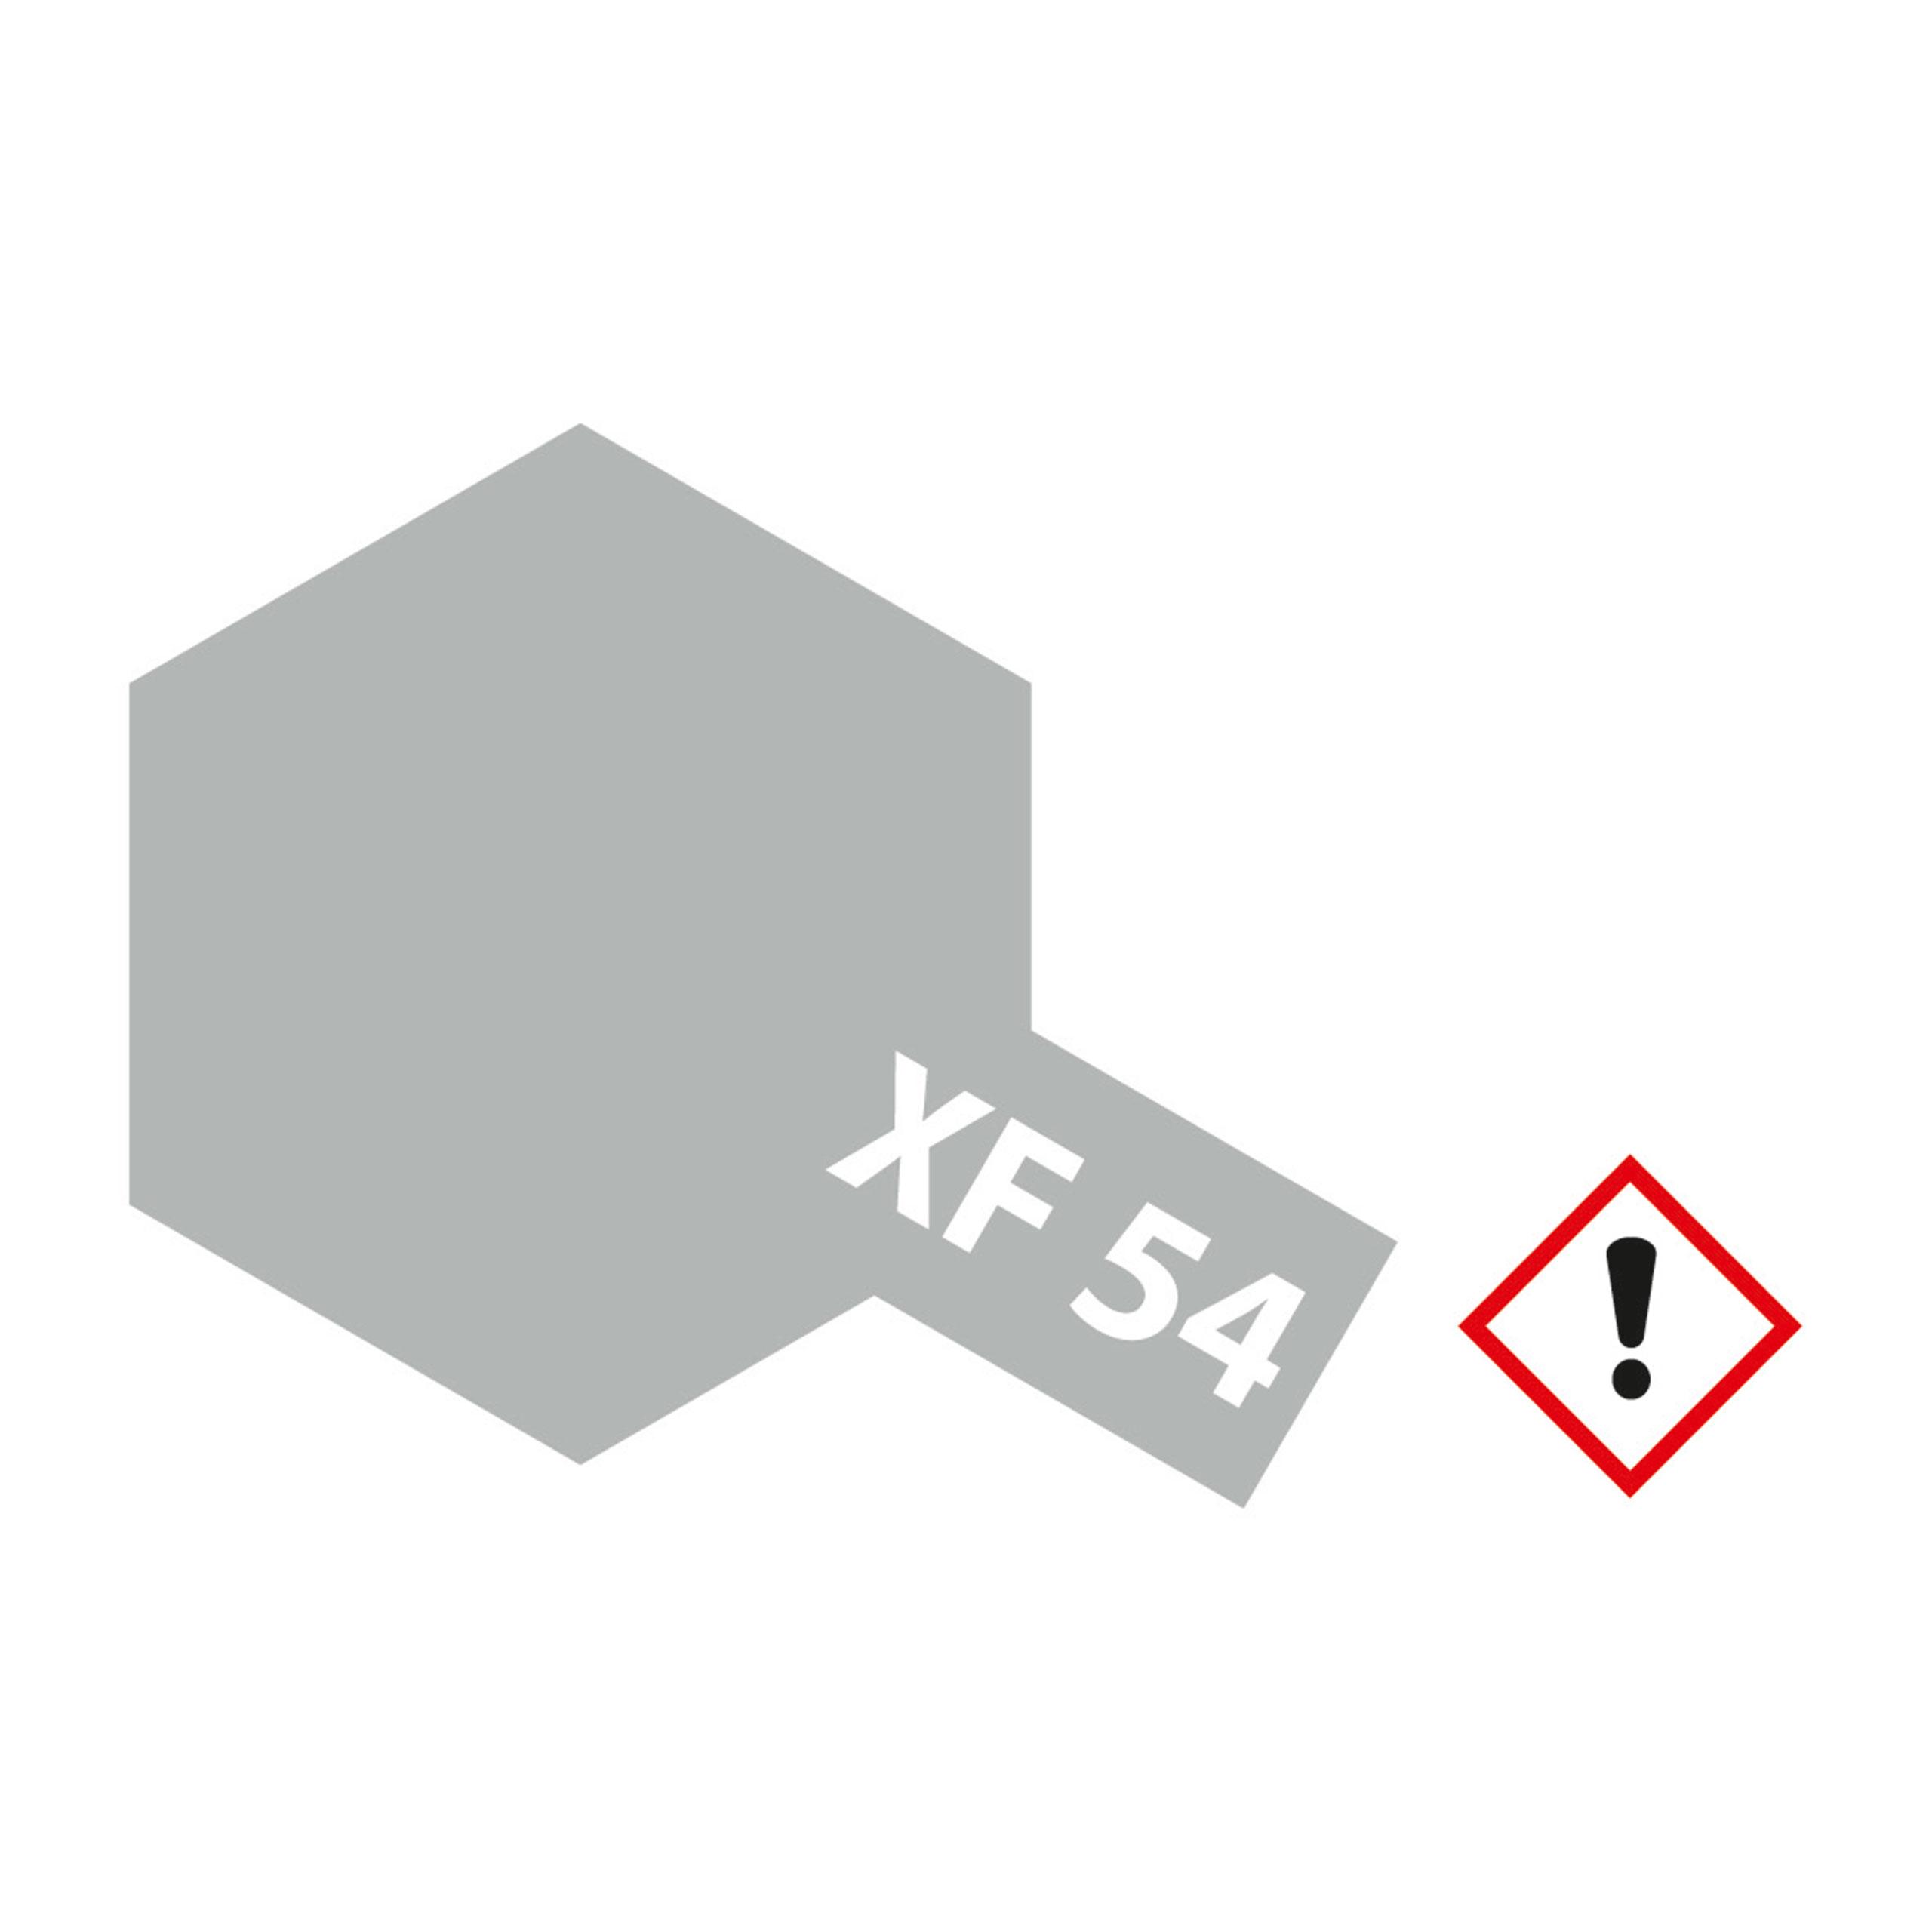 XF-54 Seegrau dunkel matt - 23ml Acrylstreichfarbe wasserloeslich Tamiya 300081354